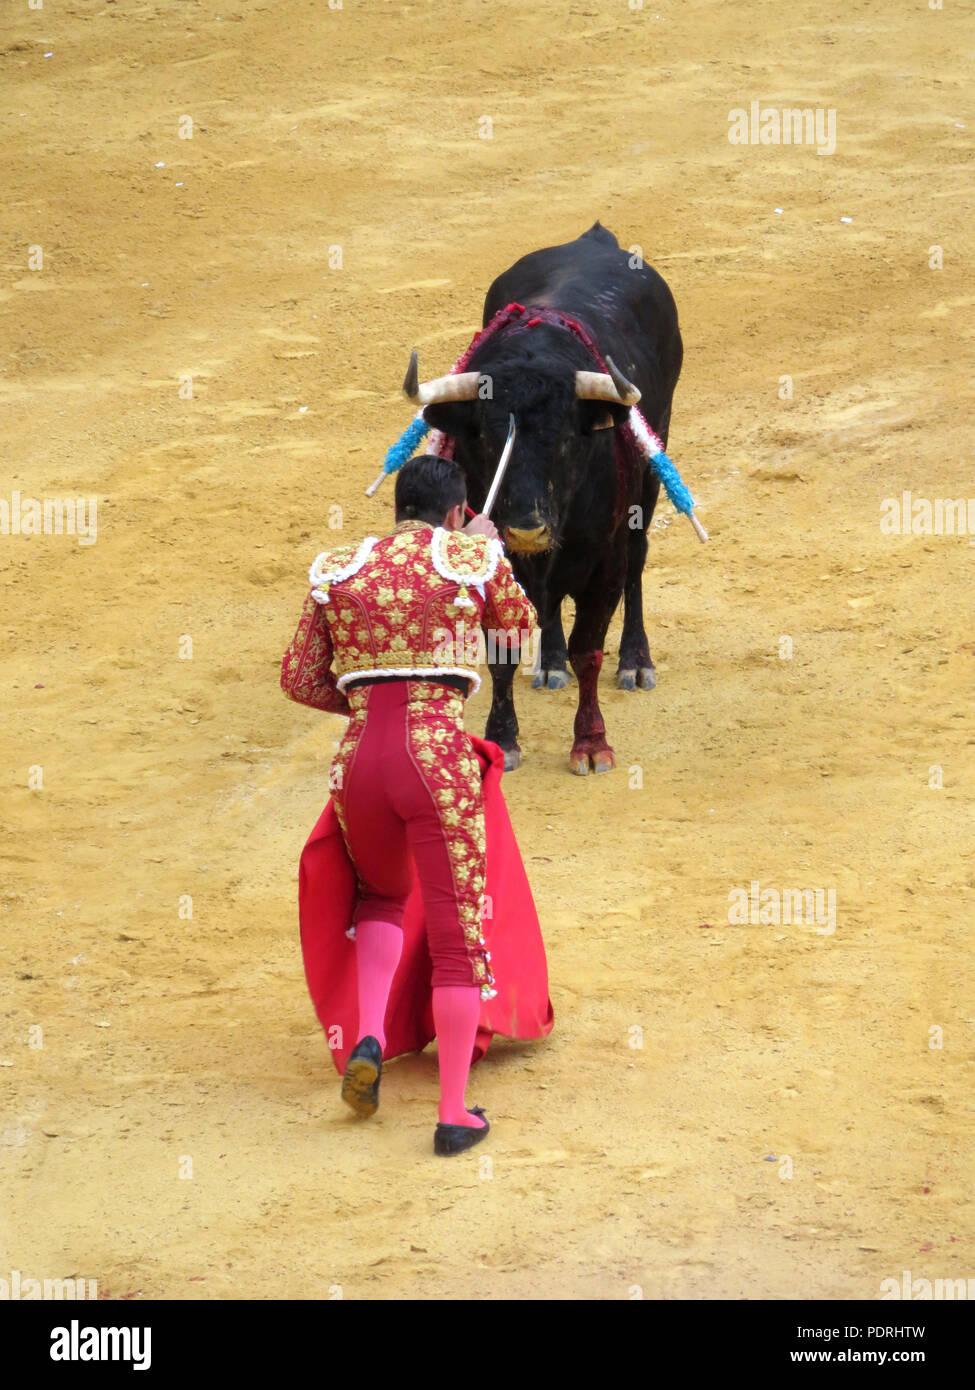 Bull fight. Bull fighterJosé María Manzanares , Plaza de Toros, Granada, Andalusia, Spain . Corrida. Matador with muleta cape.Spanish Tradition. Stock Photo